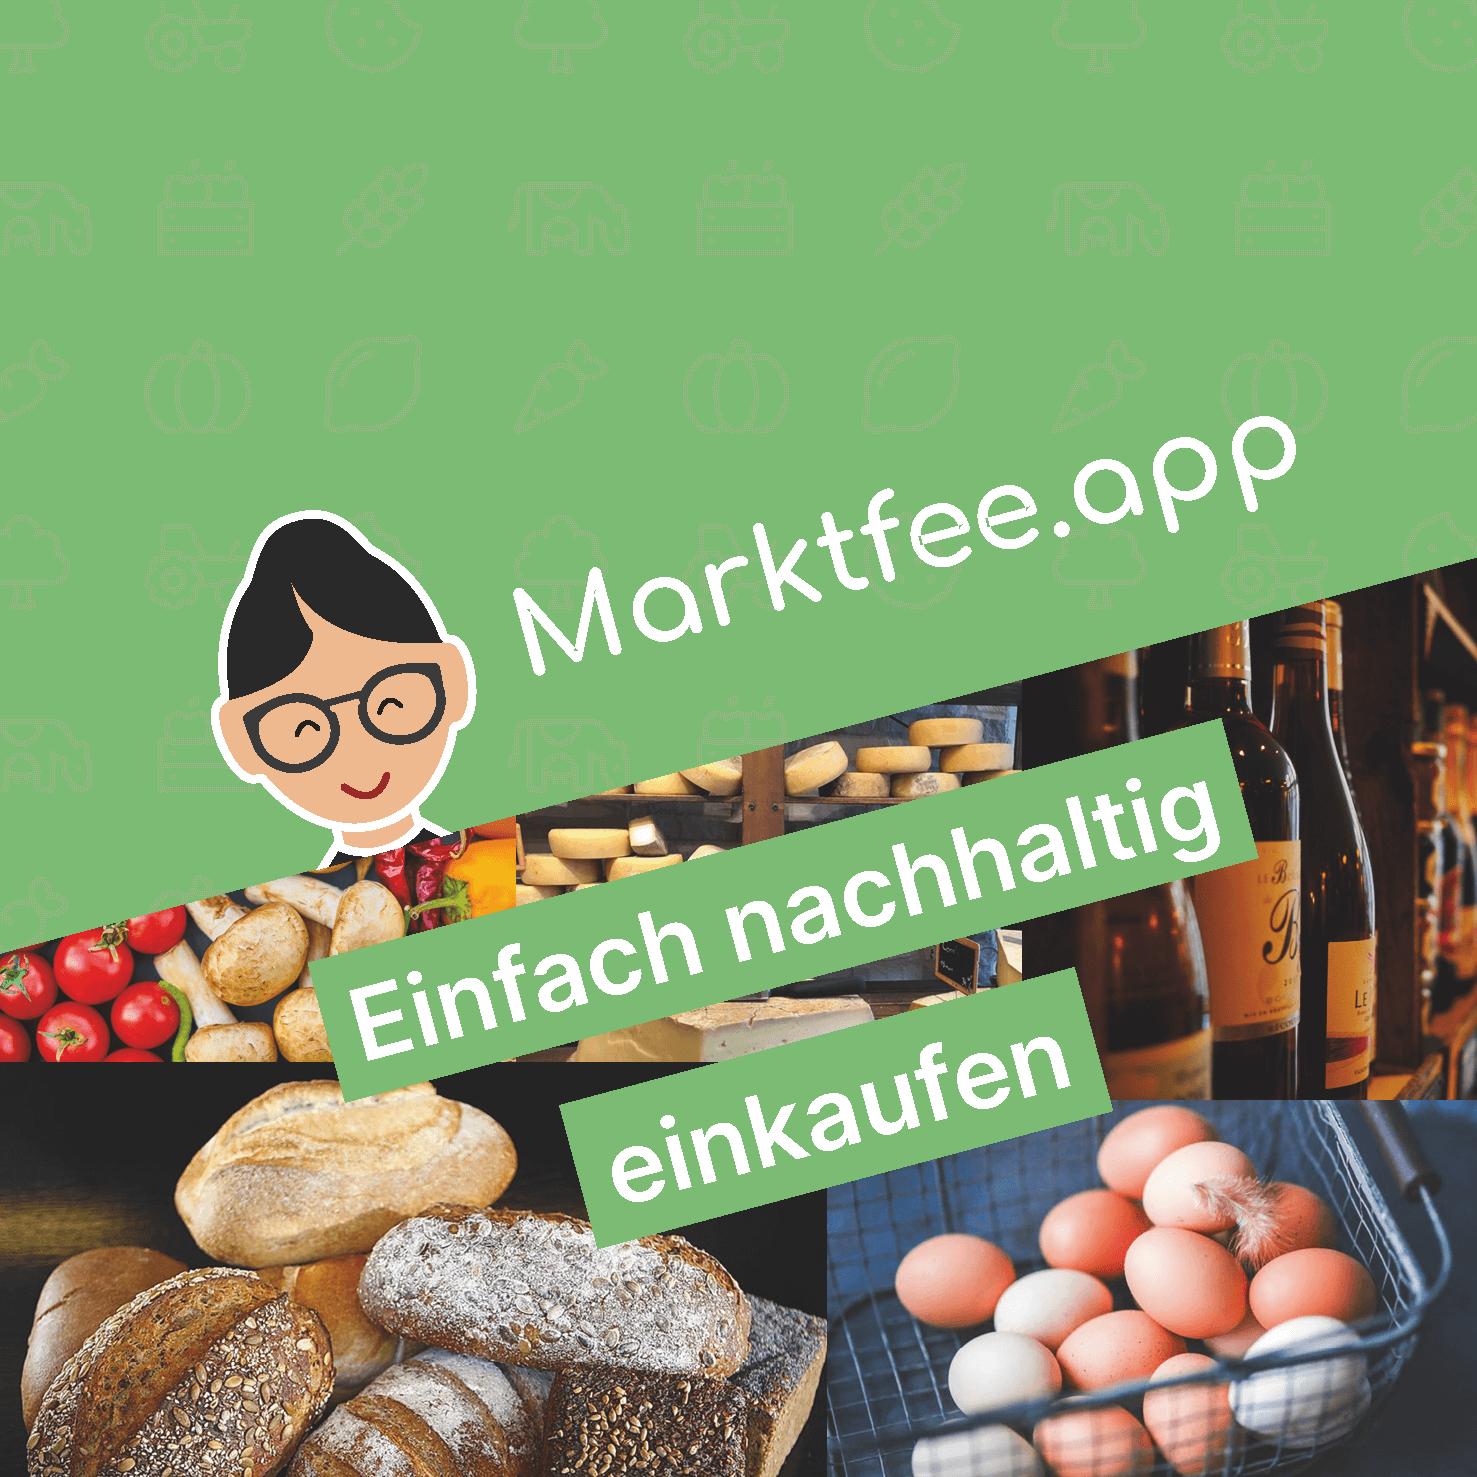 Marktfee.app Aufkleber 12cm